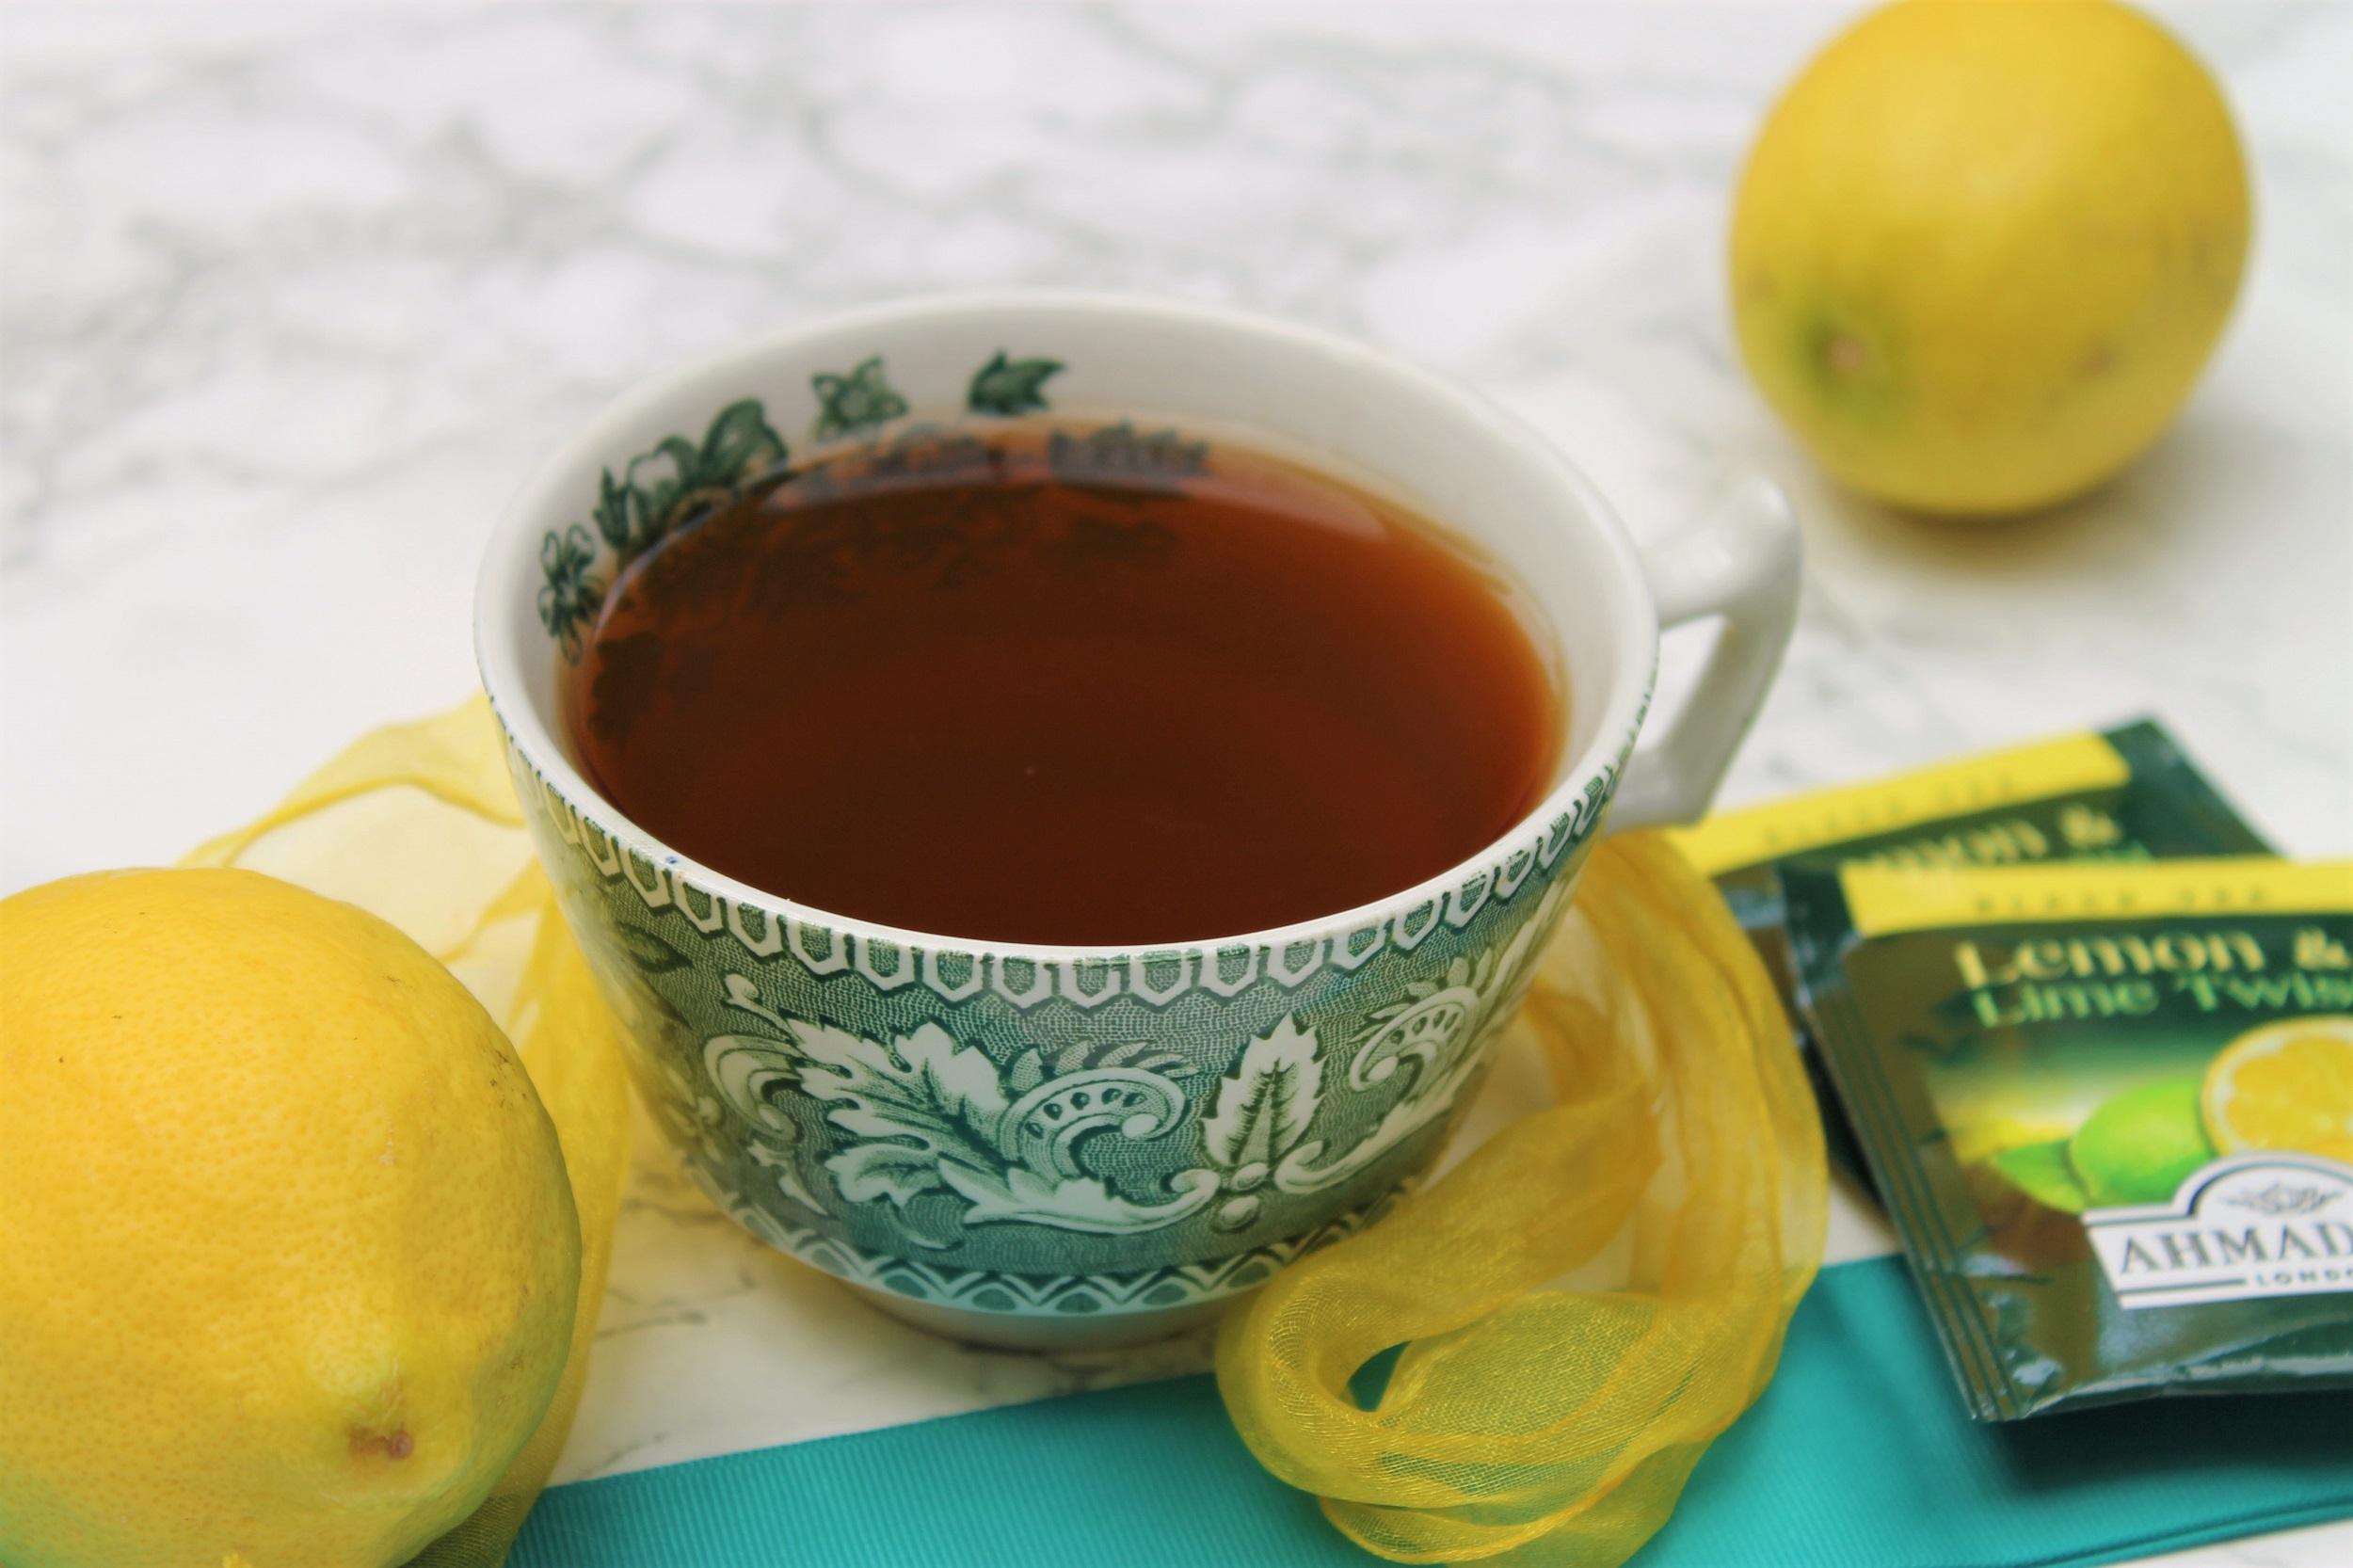 lemon and lime twist tea